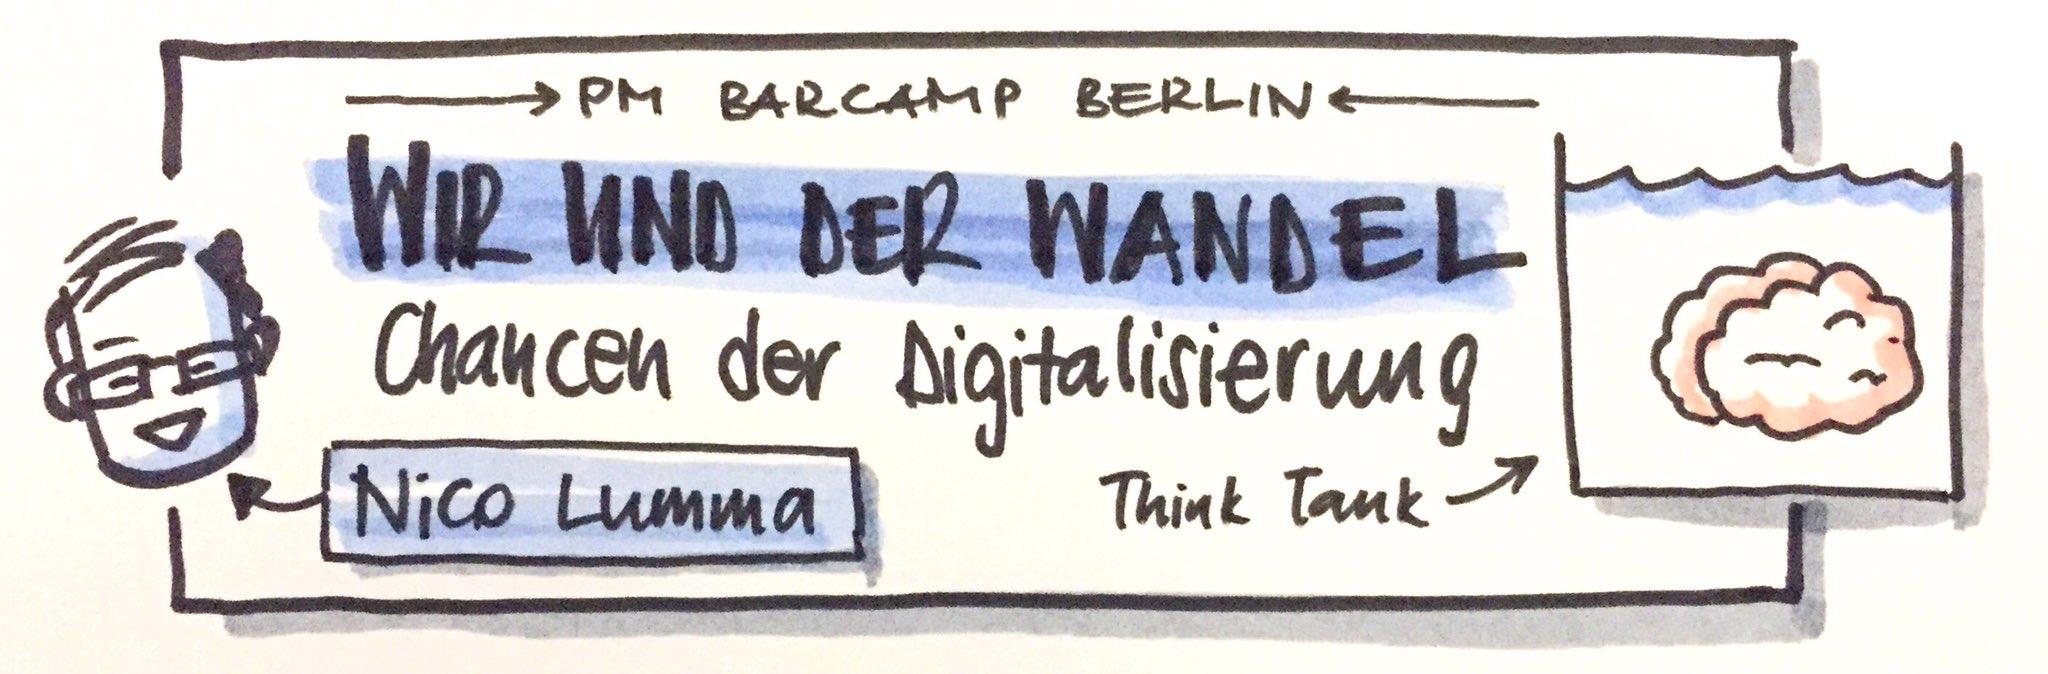 Chancen der Digitalisierung - @nico spricht zu den Projektmanagement-Nerds auf dem #PMcampBER https://t.co/ZH1JPvRDSA